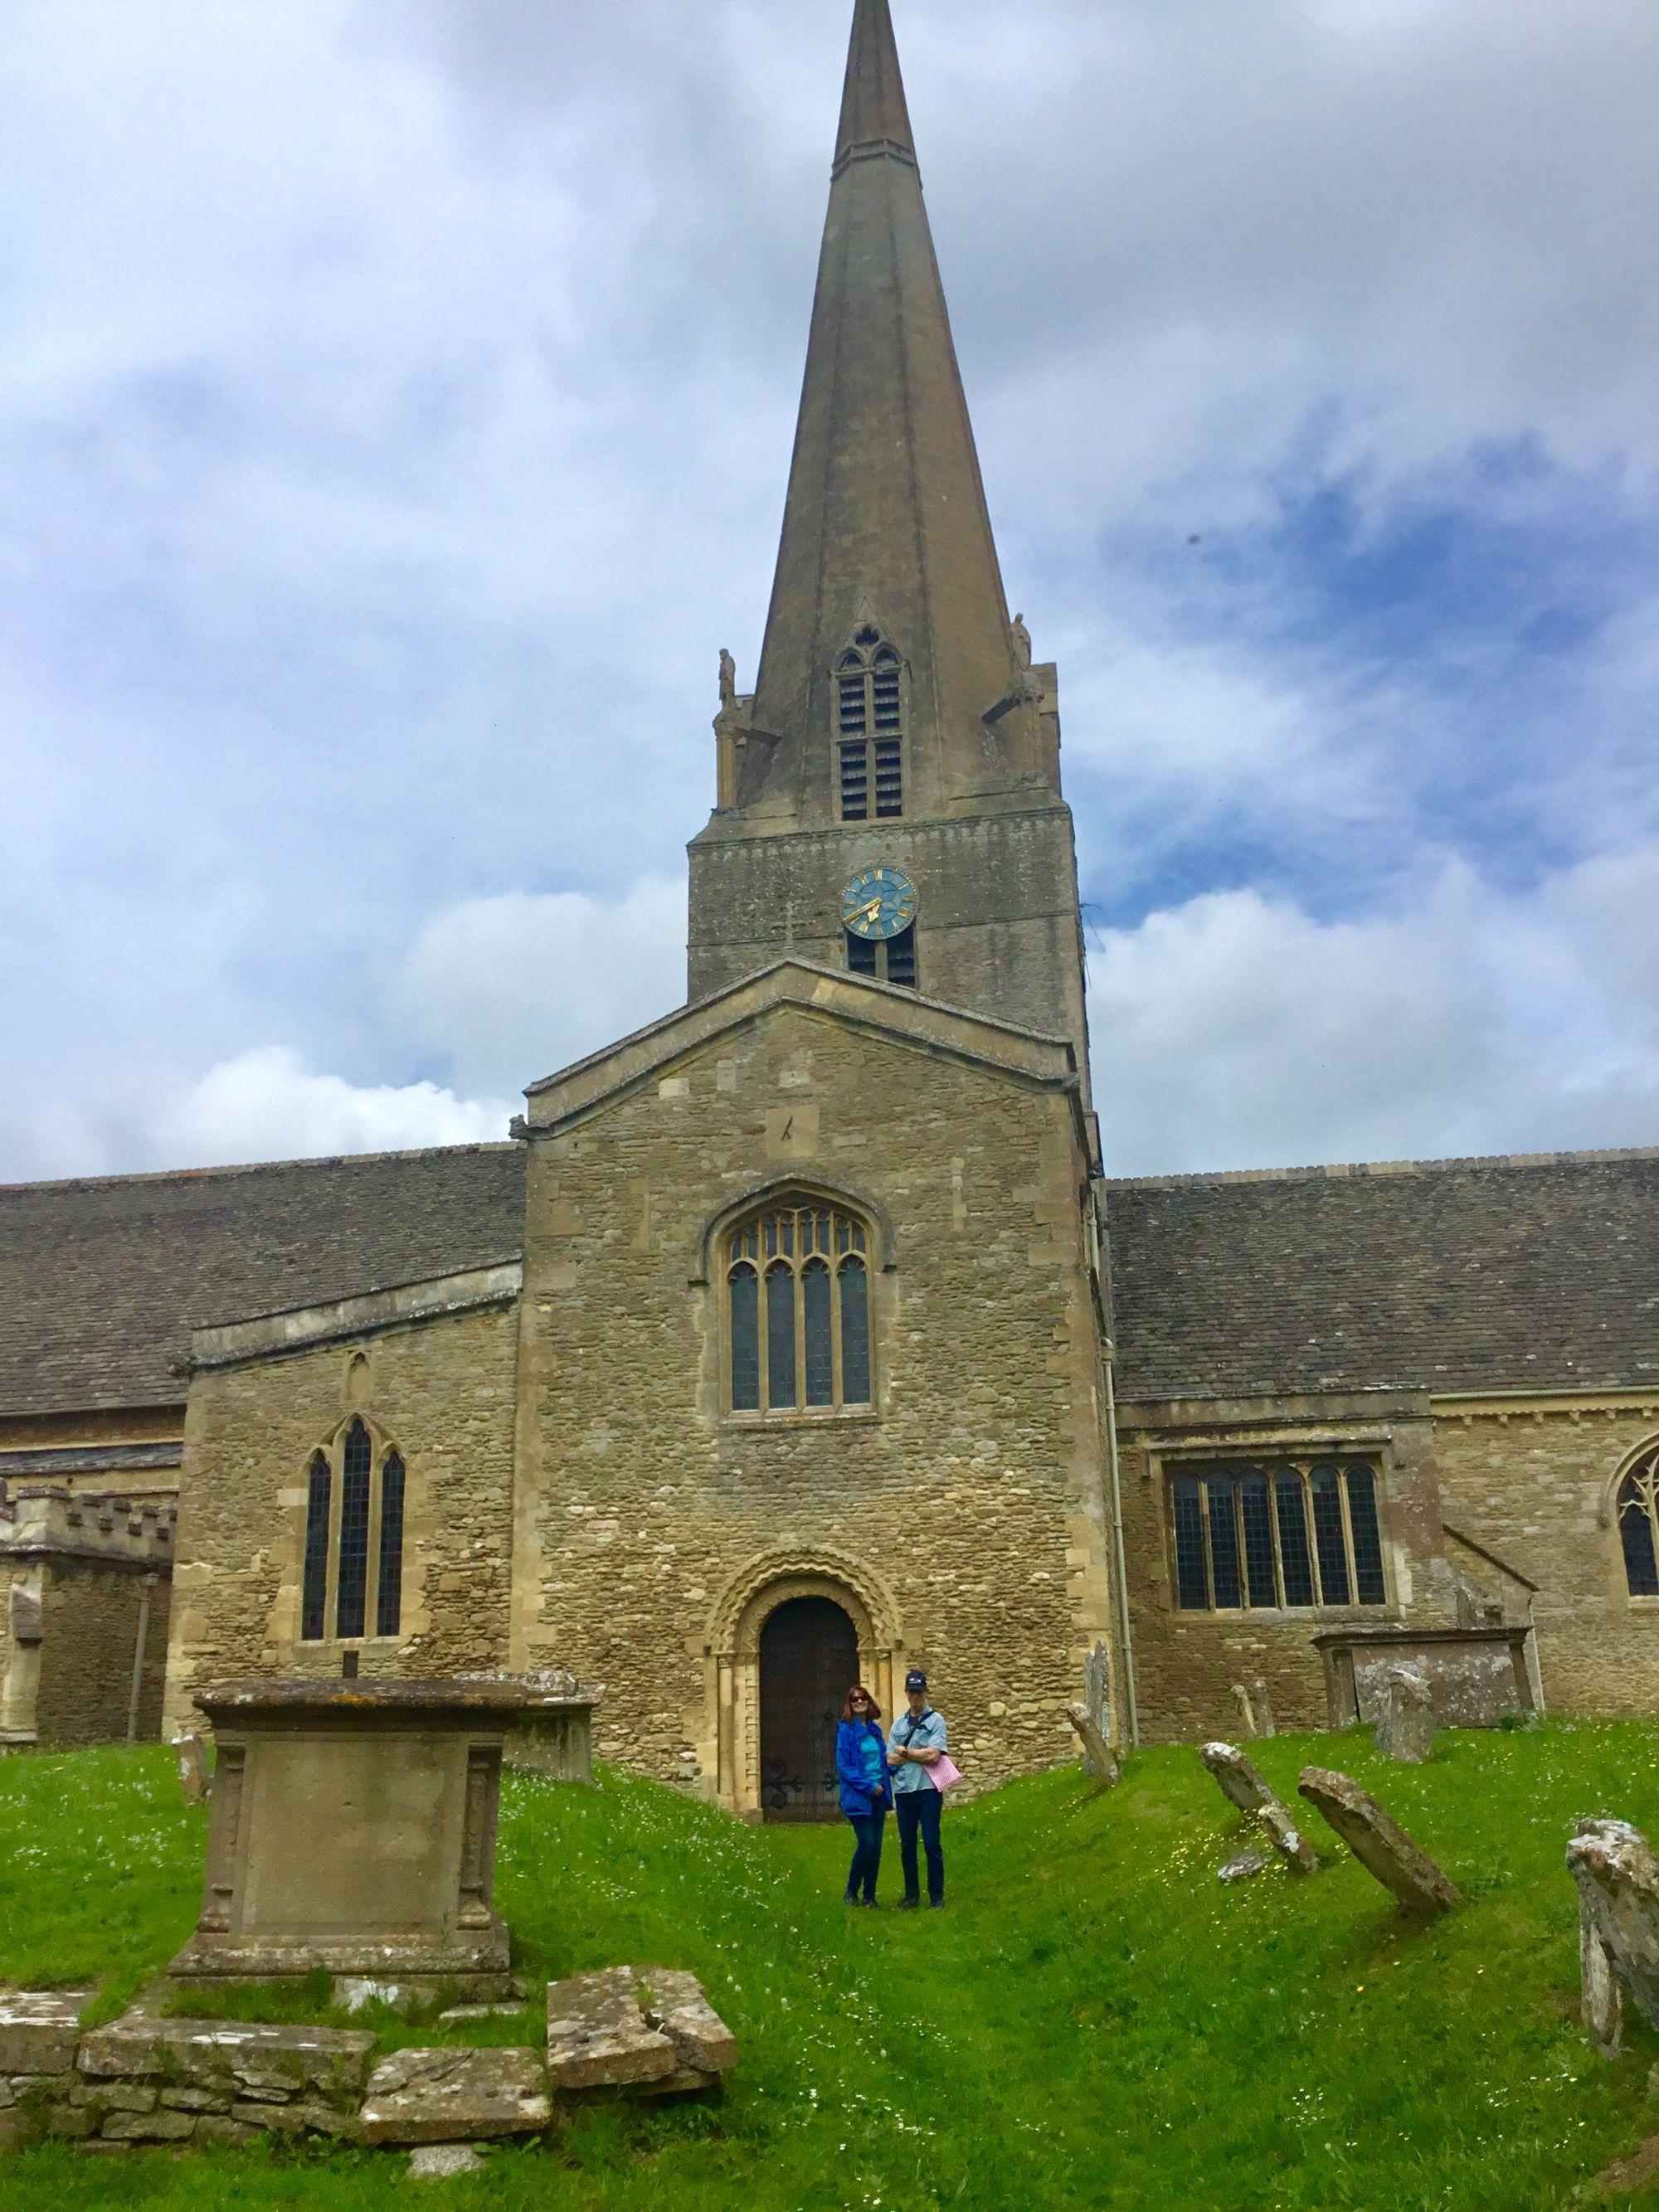 Bampton, Downton Abbey church